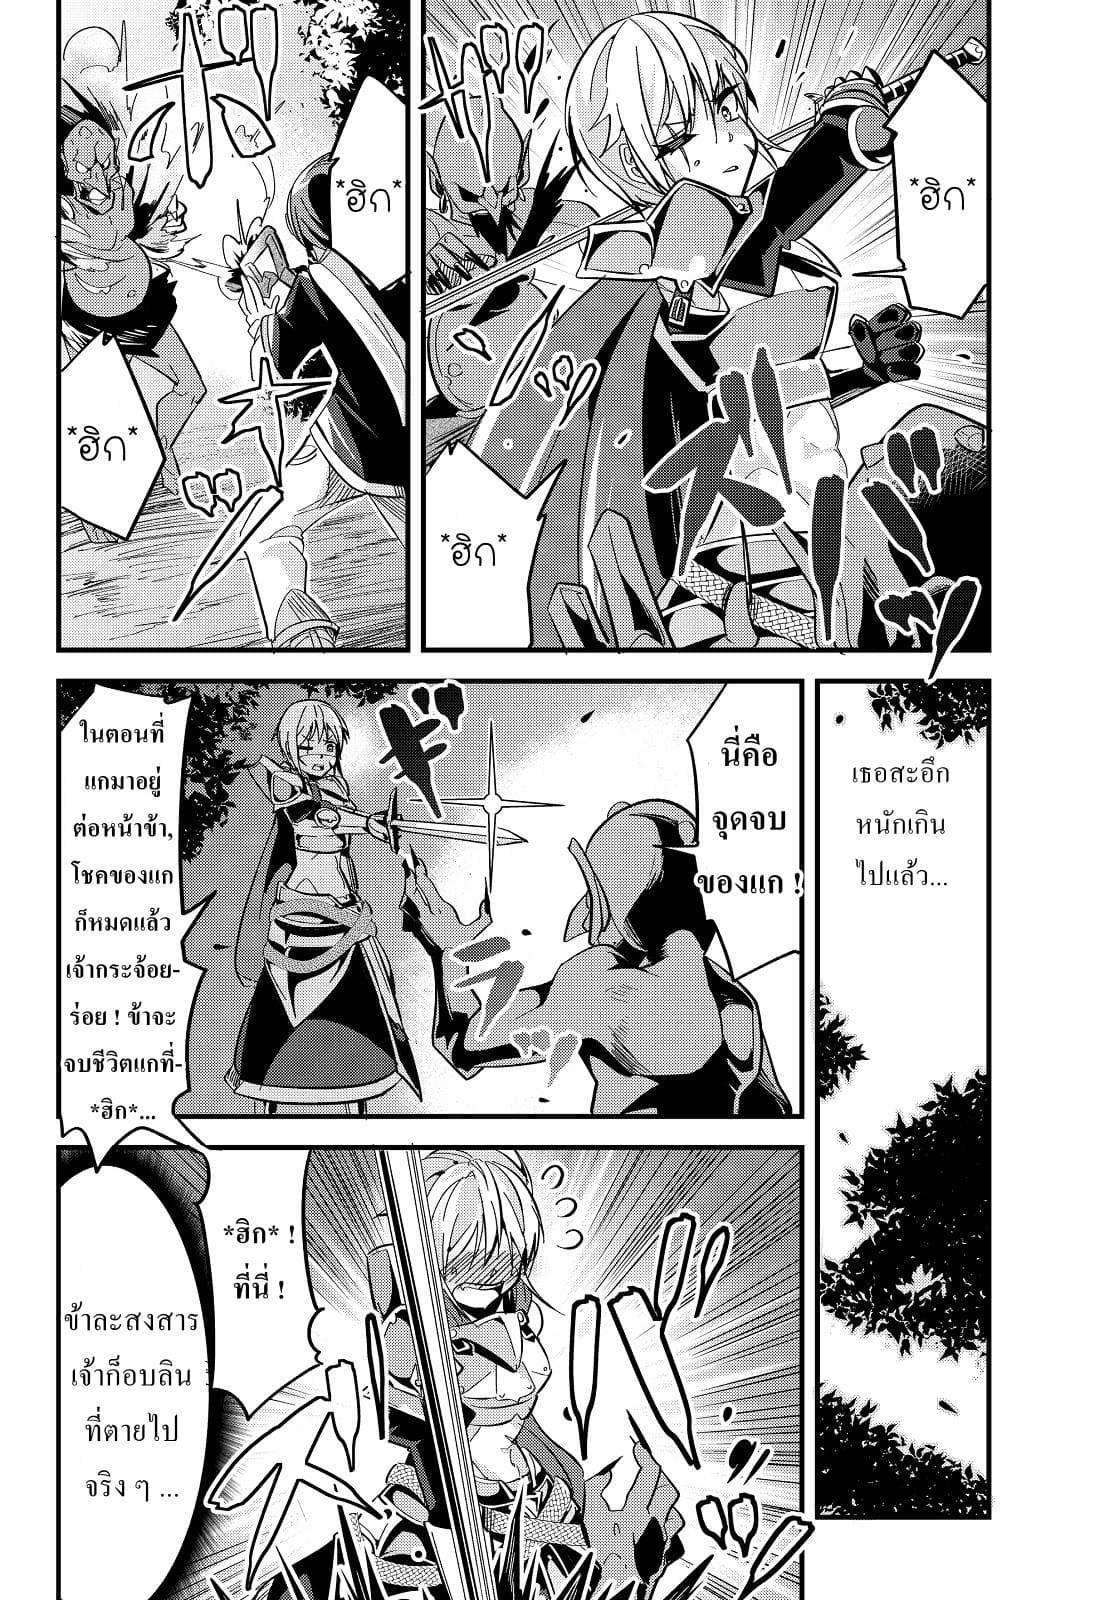 อ่านการ์ตูน Ima Made Ichido mo Onna Atsukaisareta koto ga nai Onna Kishi wo Onna Atsukai suru ตอนที่ 12 หน้าที่ 5